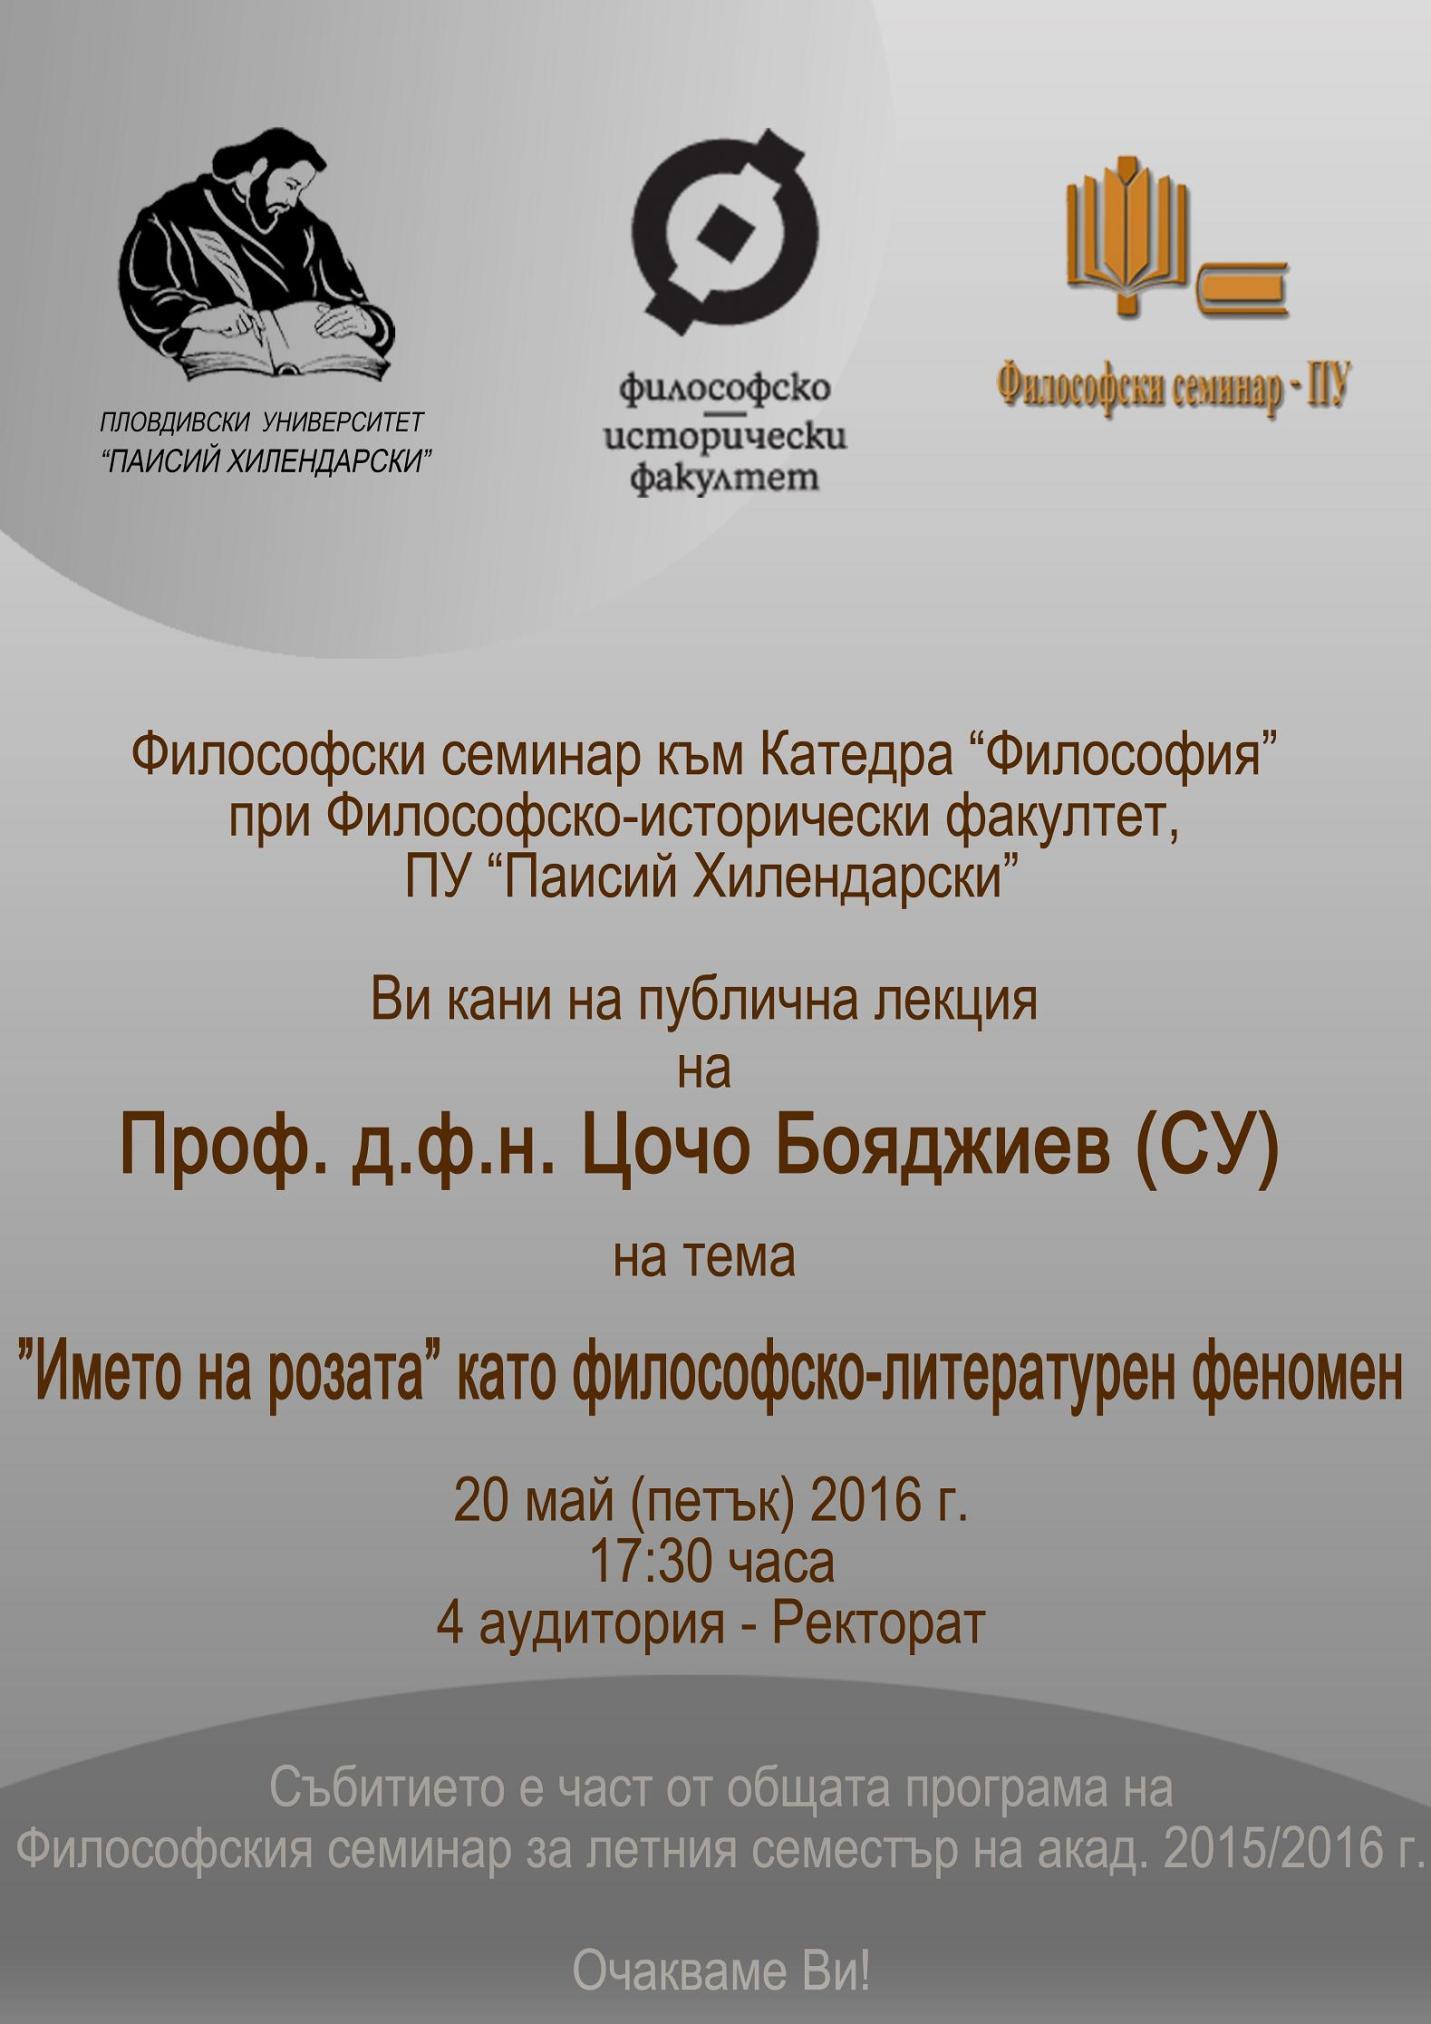 Обява - лекция проф. Бояджиев 20.05.16